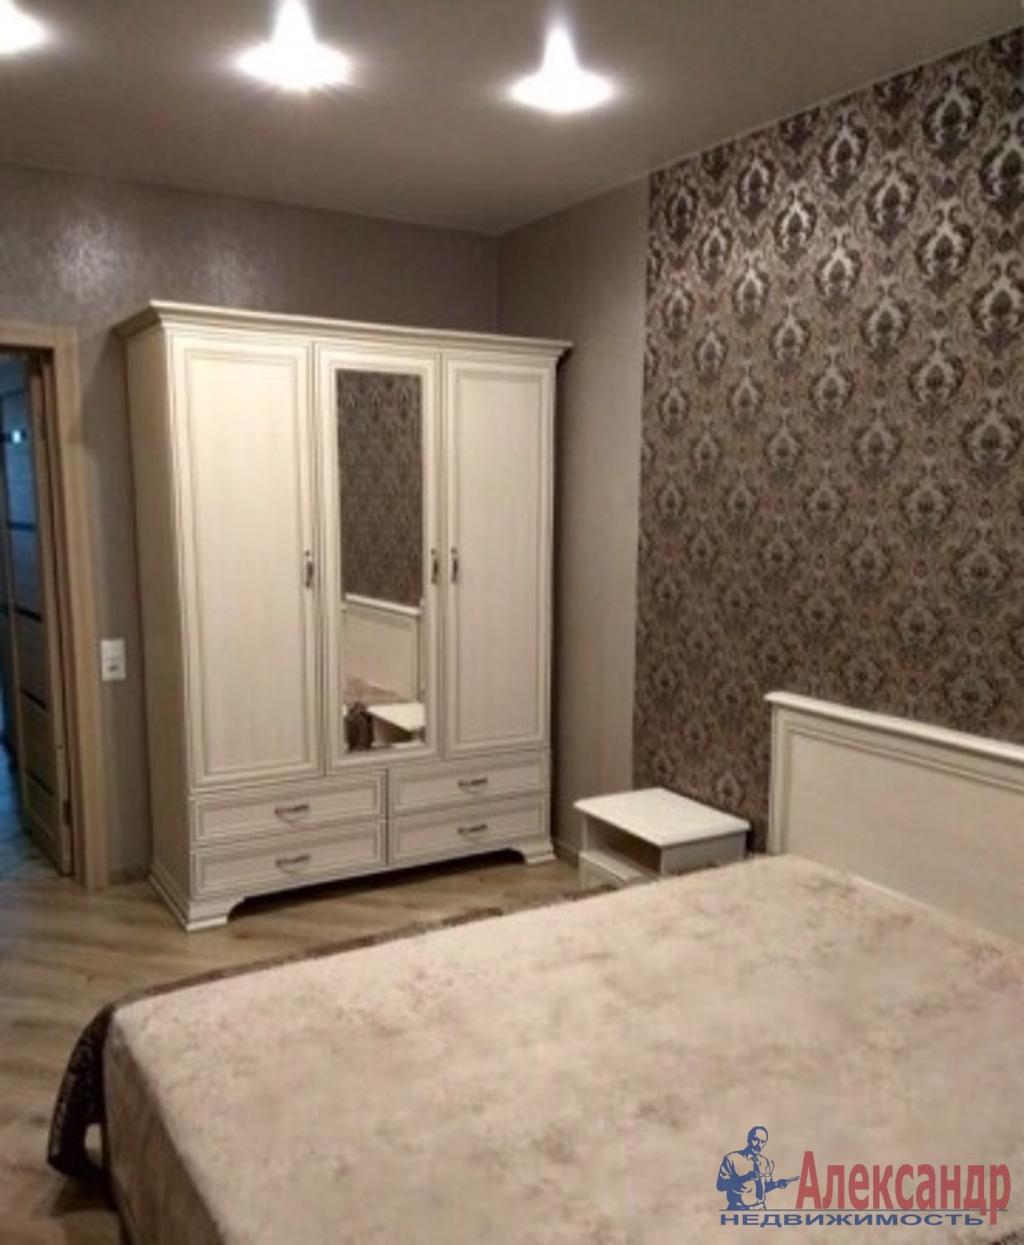 2-комнатная квартира (62м2) в аренду по адресу Мытнинская наб., 7— фото 1 из 3